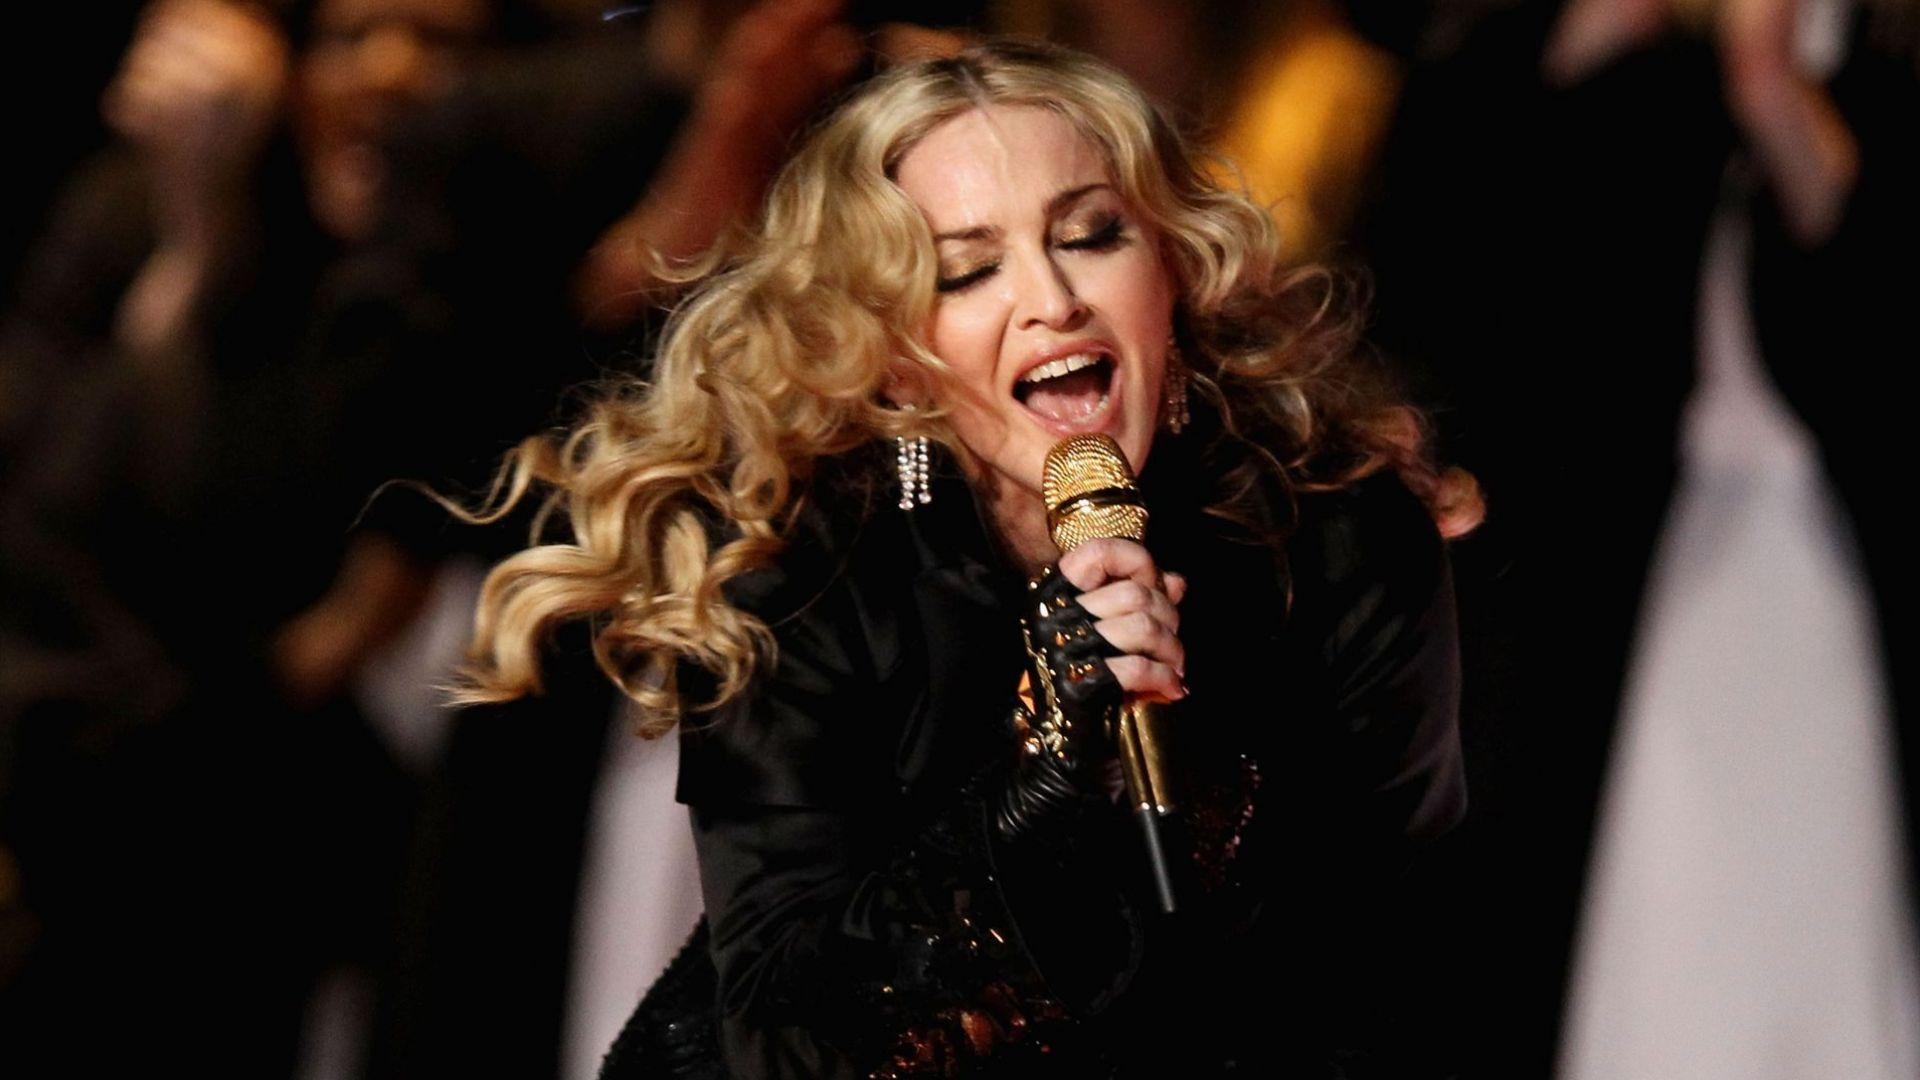 След 12 г. осъдиха виновните за рухналата сцена по време концерта на Мадона в Марсилия